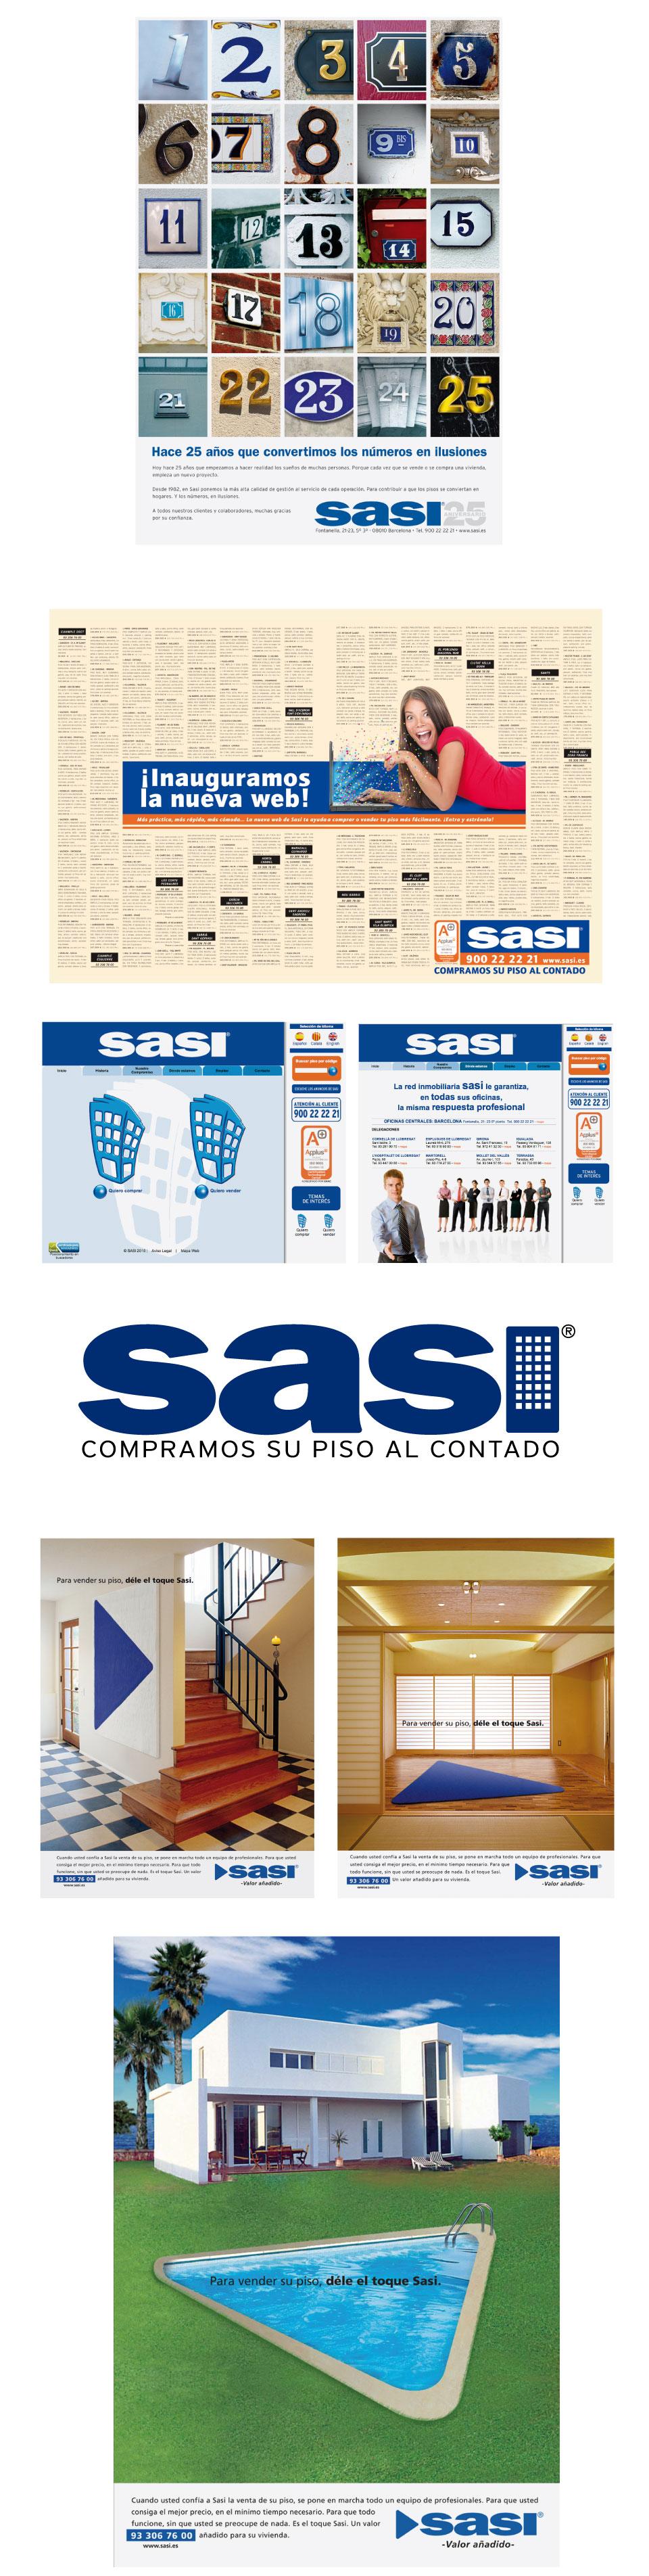 Logotipo y páginas de prensa y revistas de la inmobiliaria Sasi